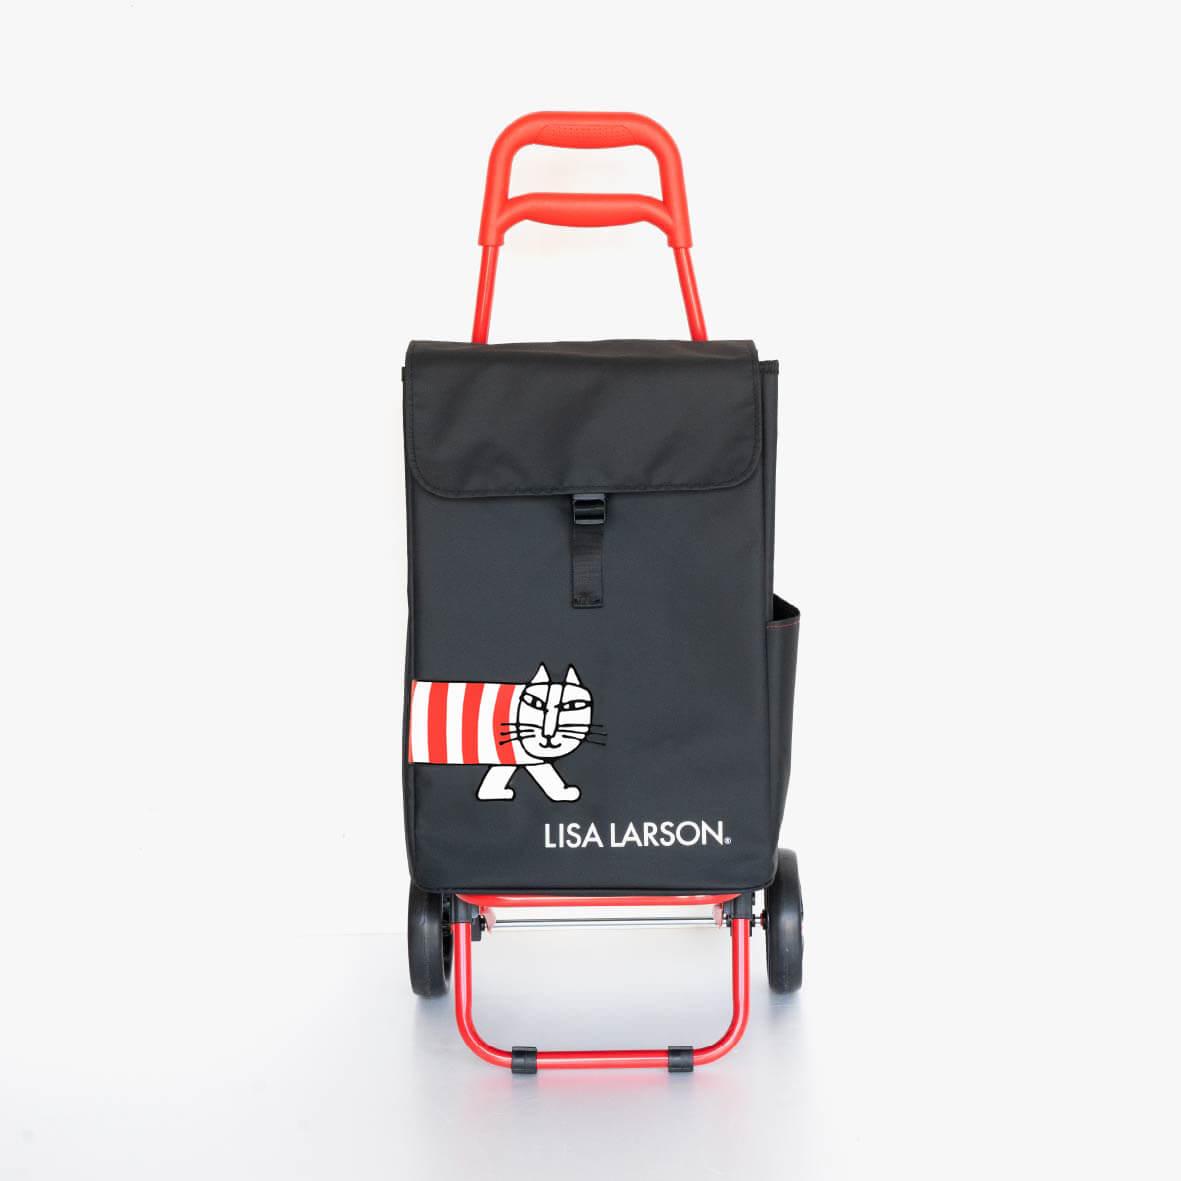 猫のマイキーがデザインされたショッピングカート(ショッピングキャリー)正面イメージ